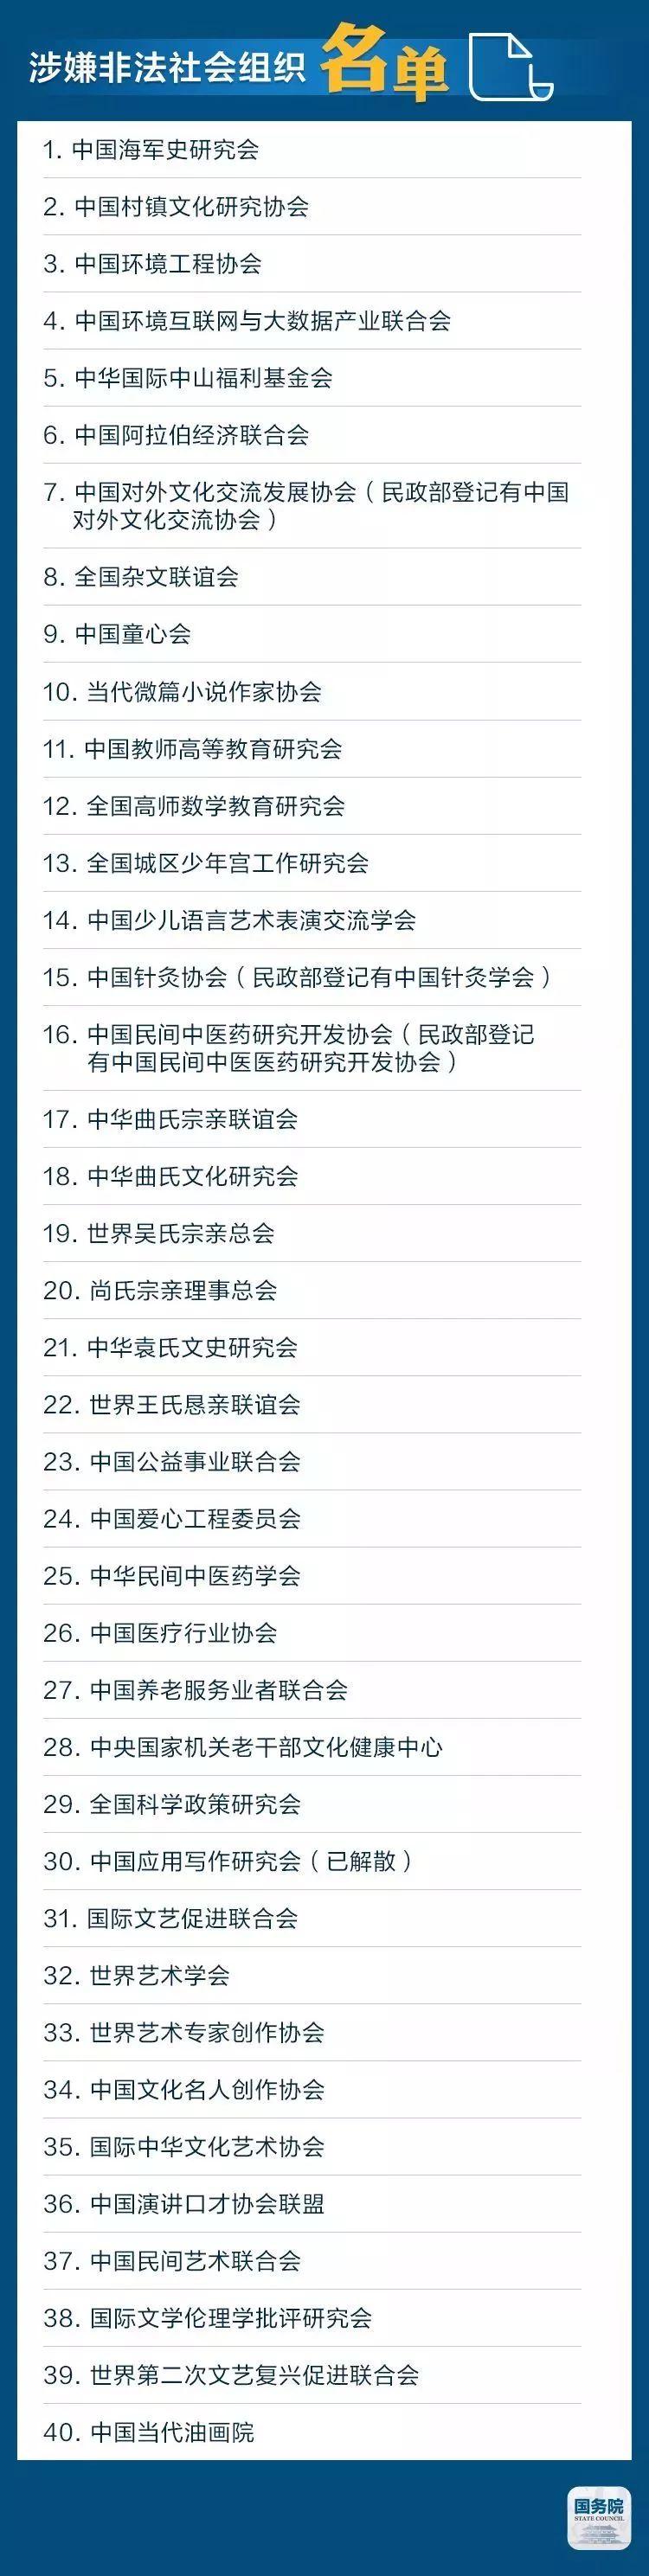 中国建筑业联合会等被认定为涉嫌非法组织,别上当!_4